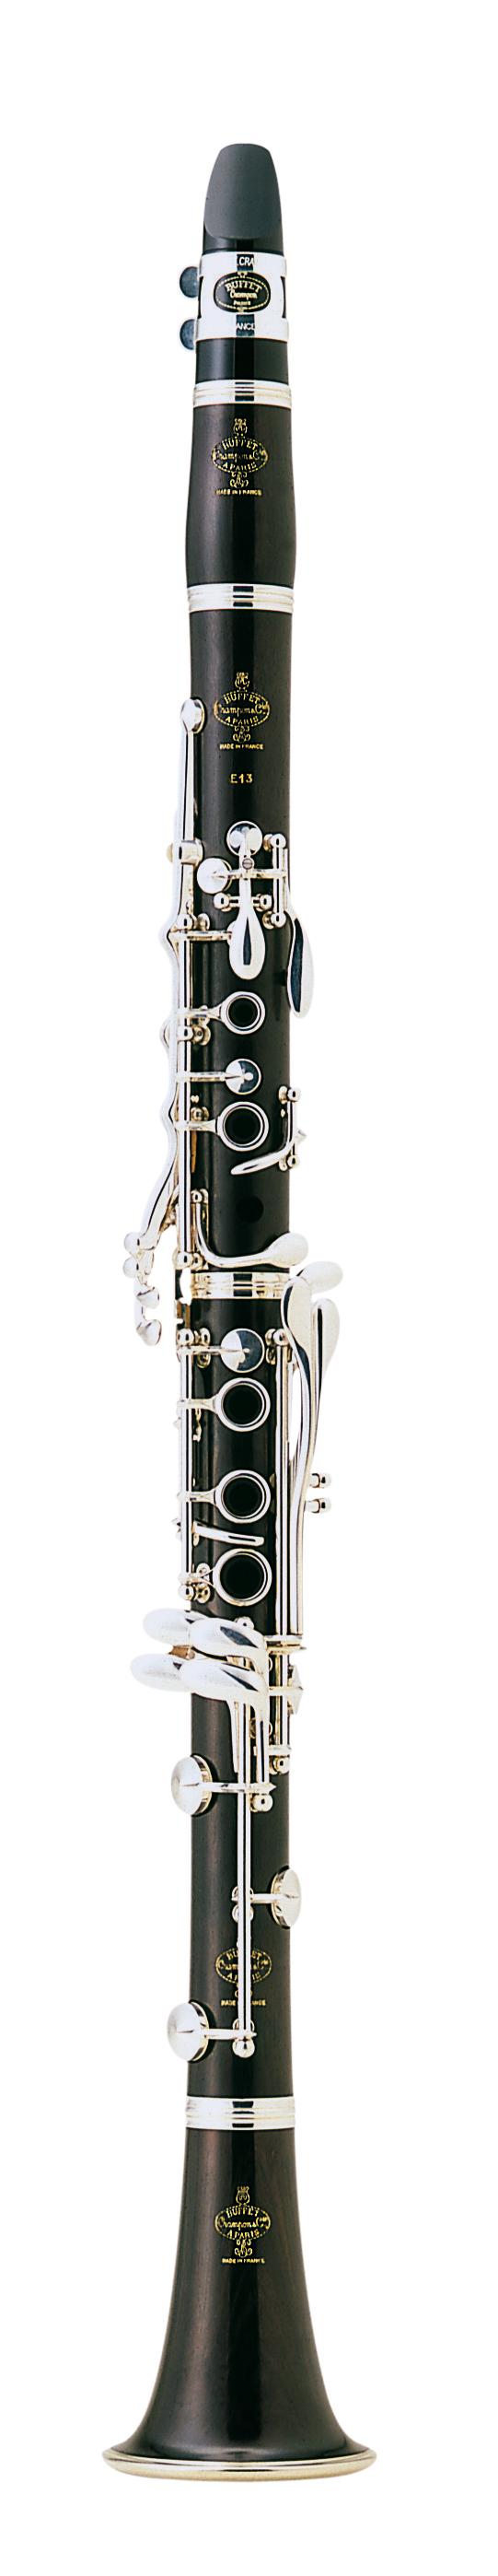 Buffet - BC-1102C-2-0 - E-13 - Holzblasinstrumente - Klarinetten | MUSIK BERTRAM Deutschland Freiburg